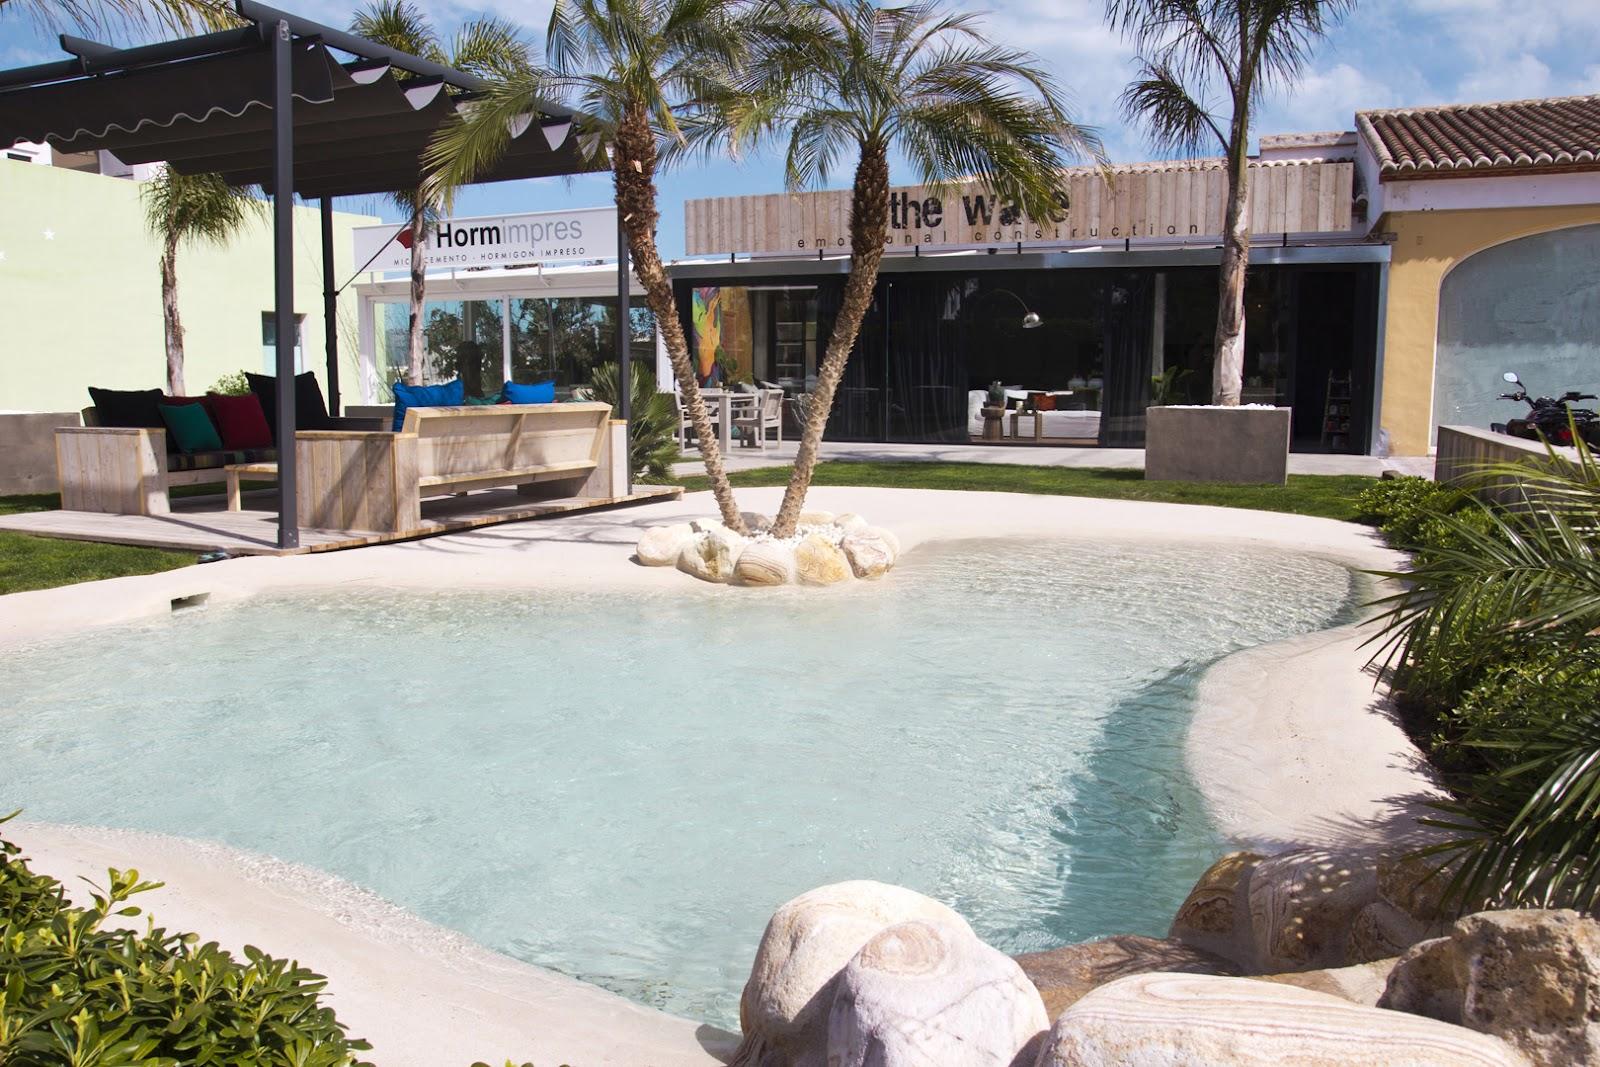 Cuanto vale hacer una piscina beautiful cuanto vale hacer for Cuanto cuesta hacer una alberca en casa